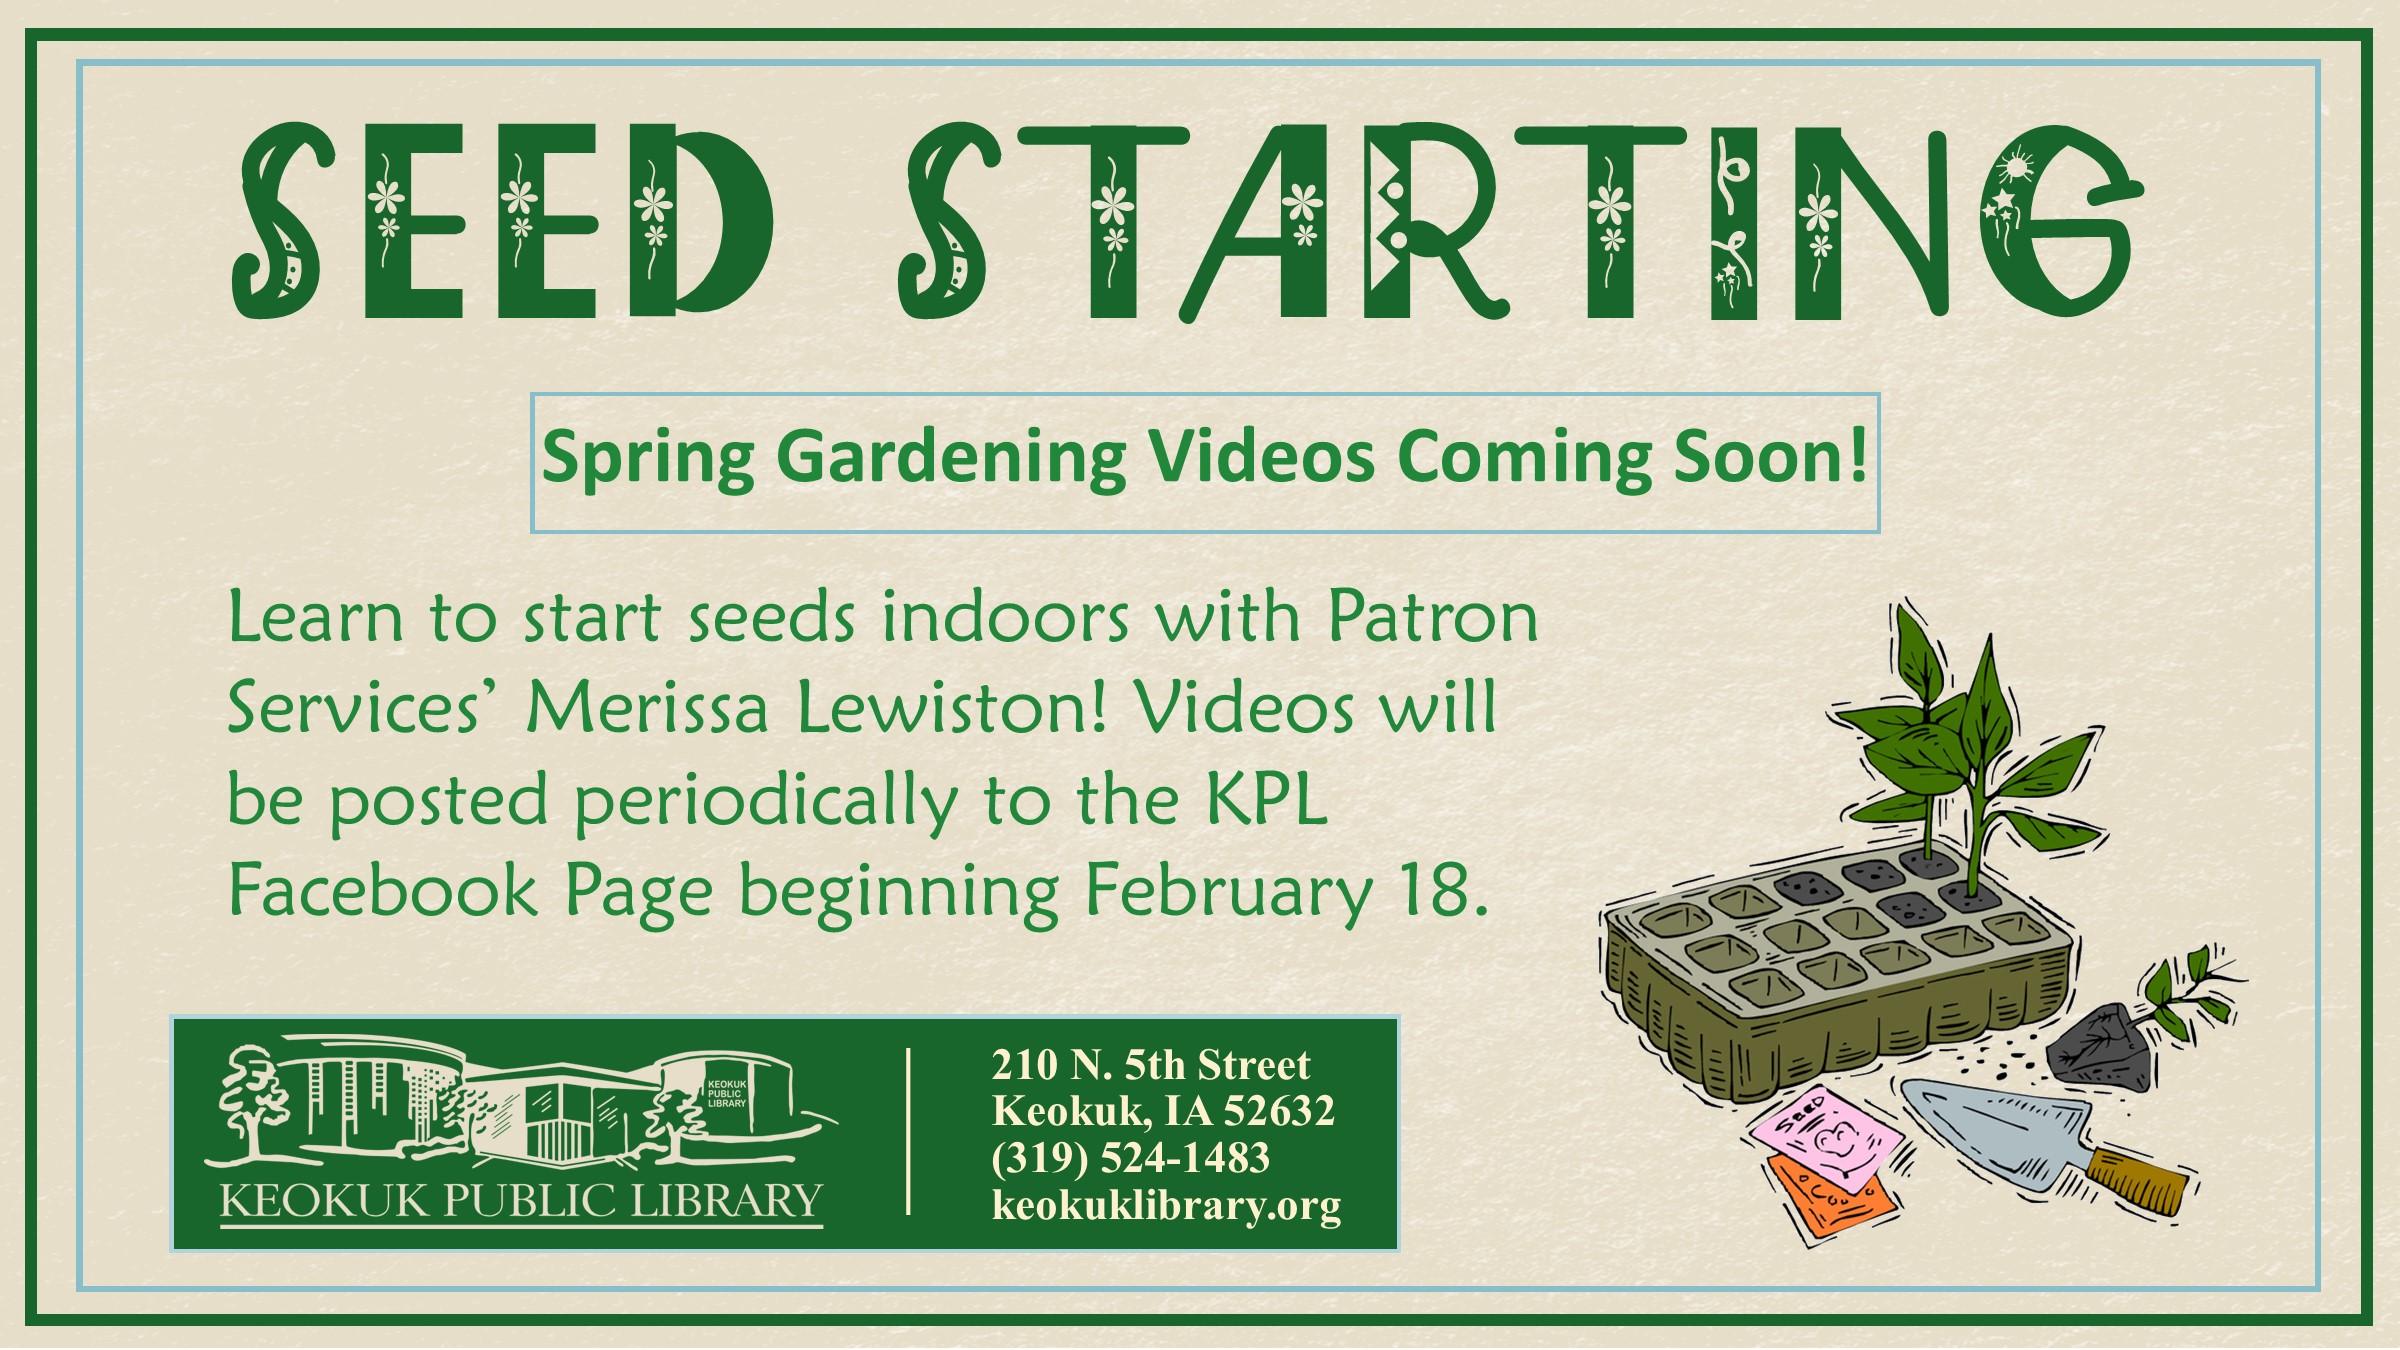 Educational Gardening Videos: Seed Starting